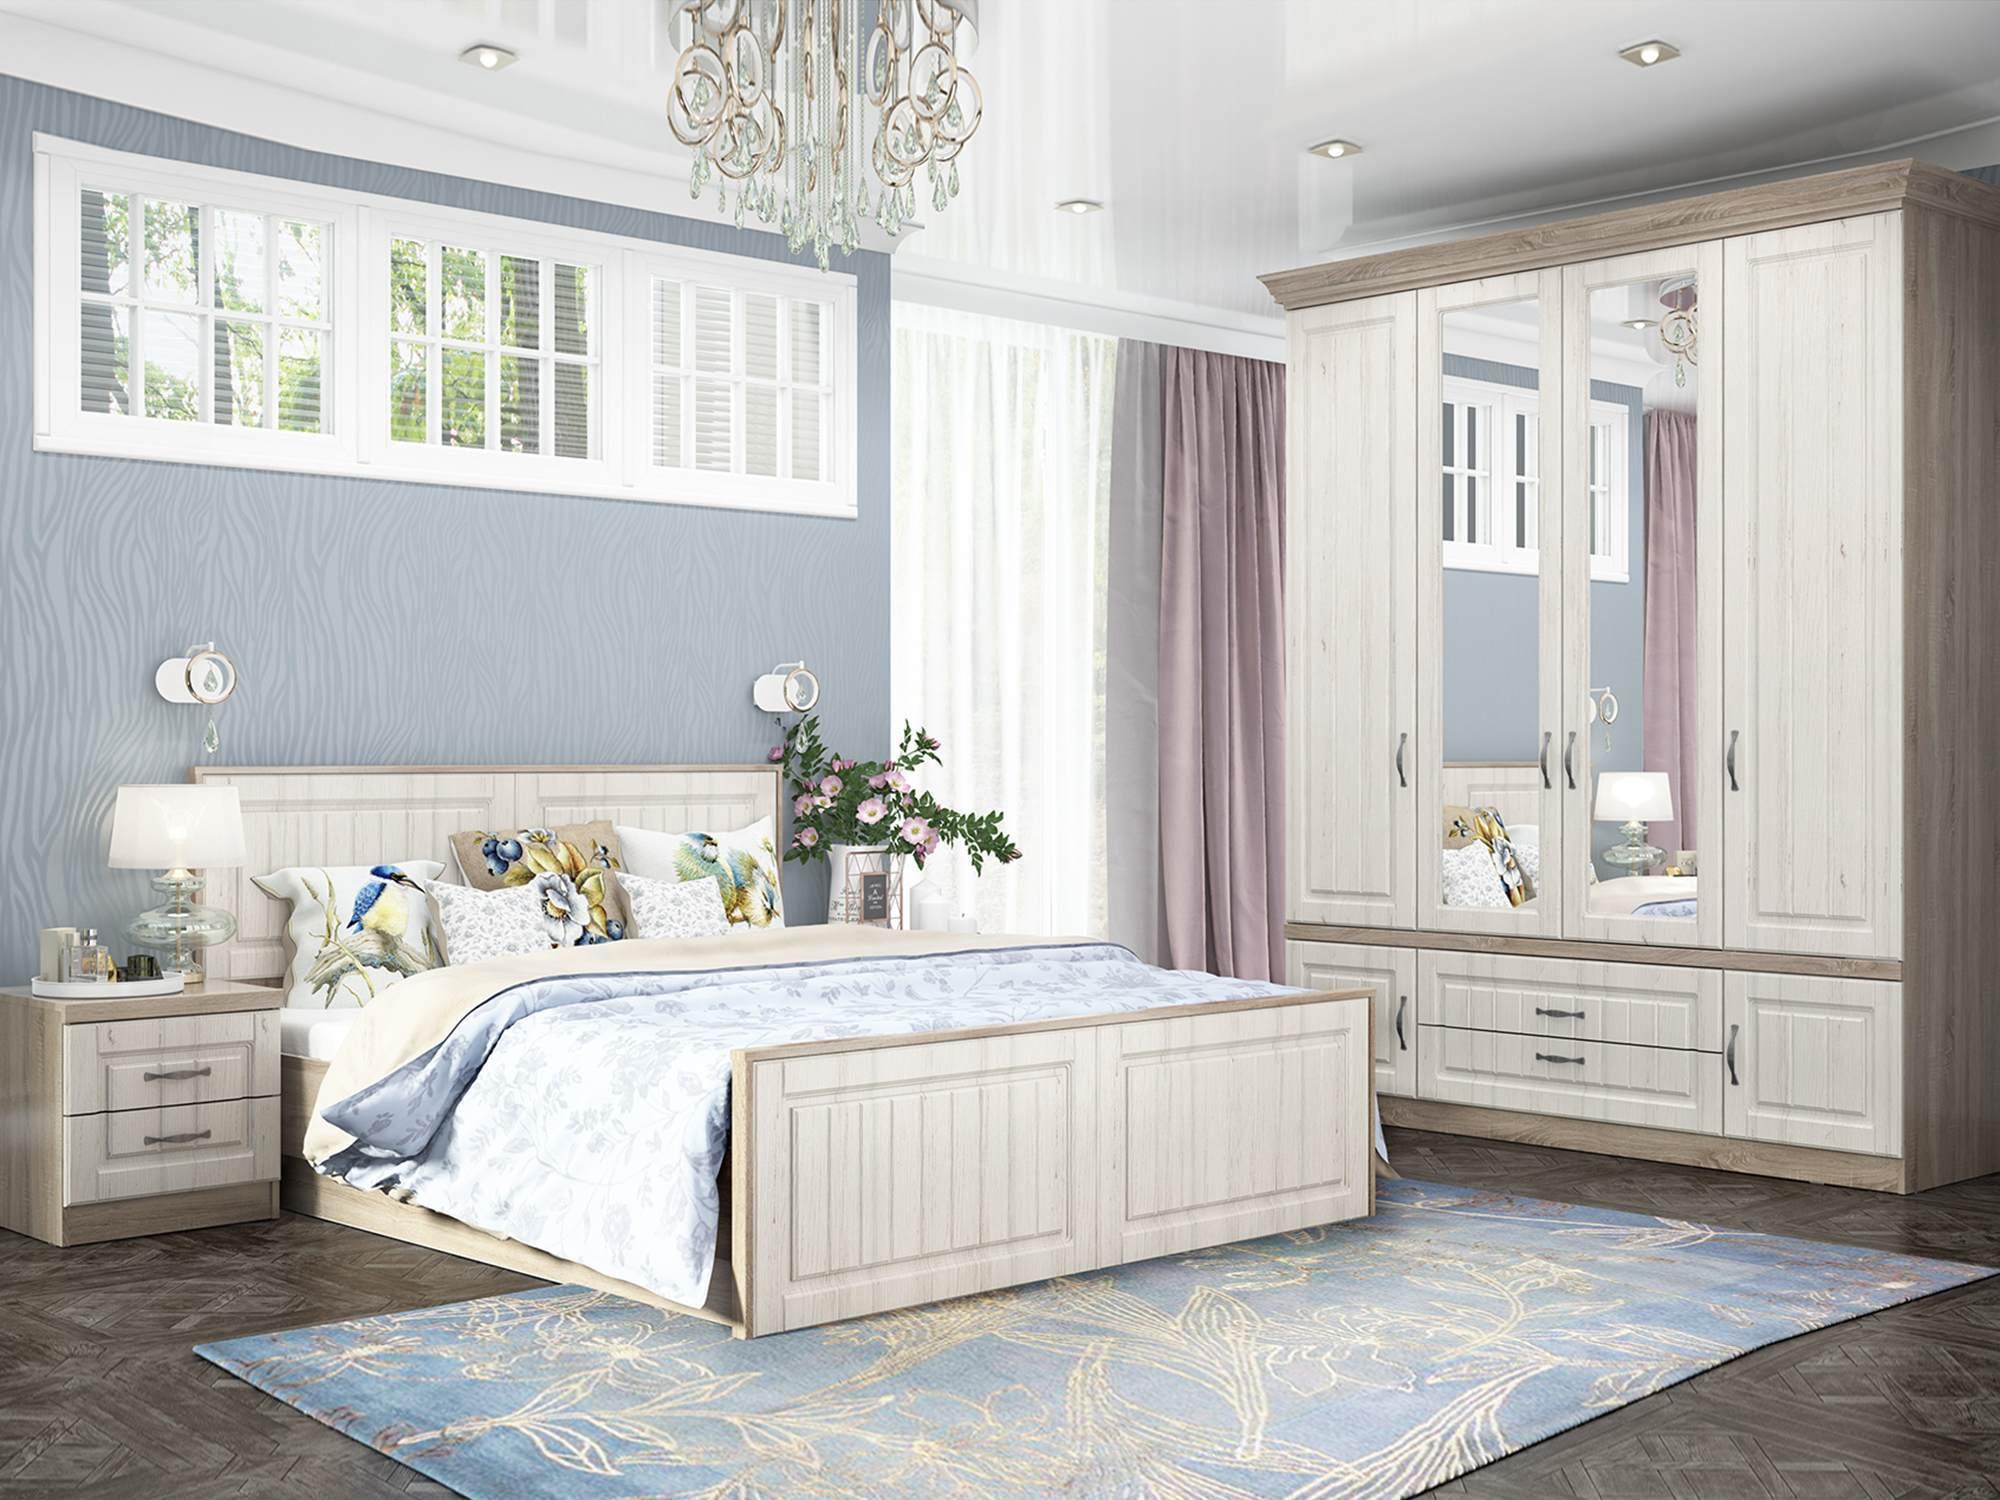 теплая белый спальный гарнитур картинки сенсациями